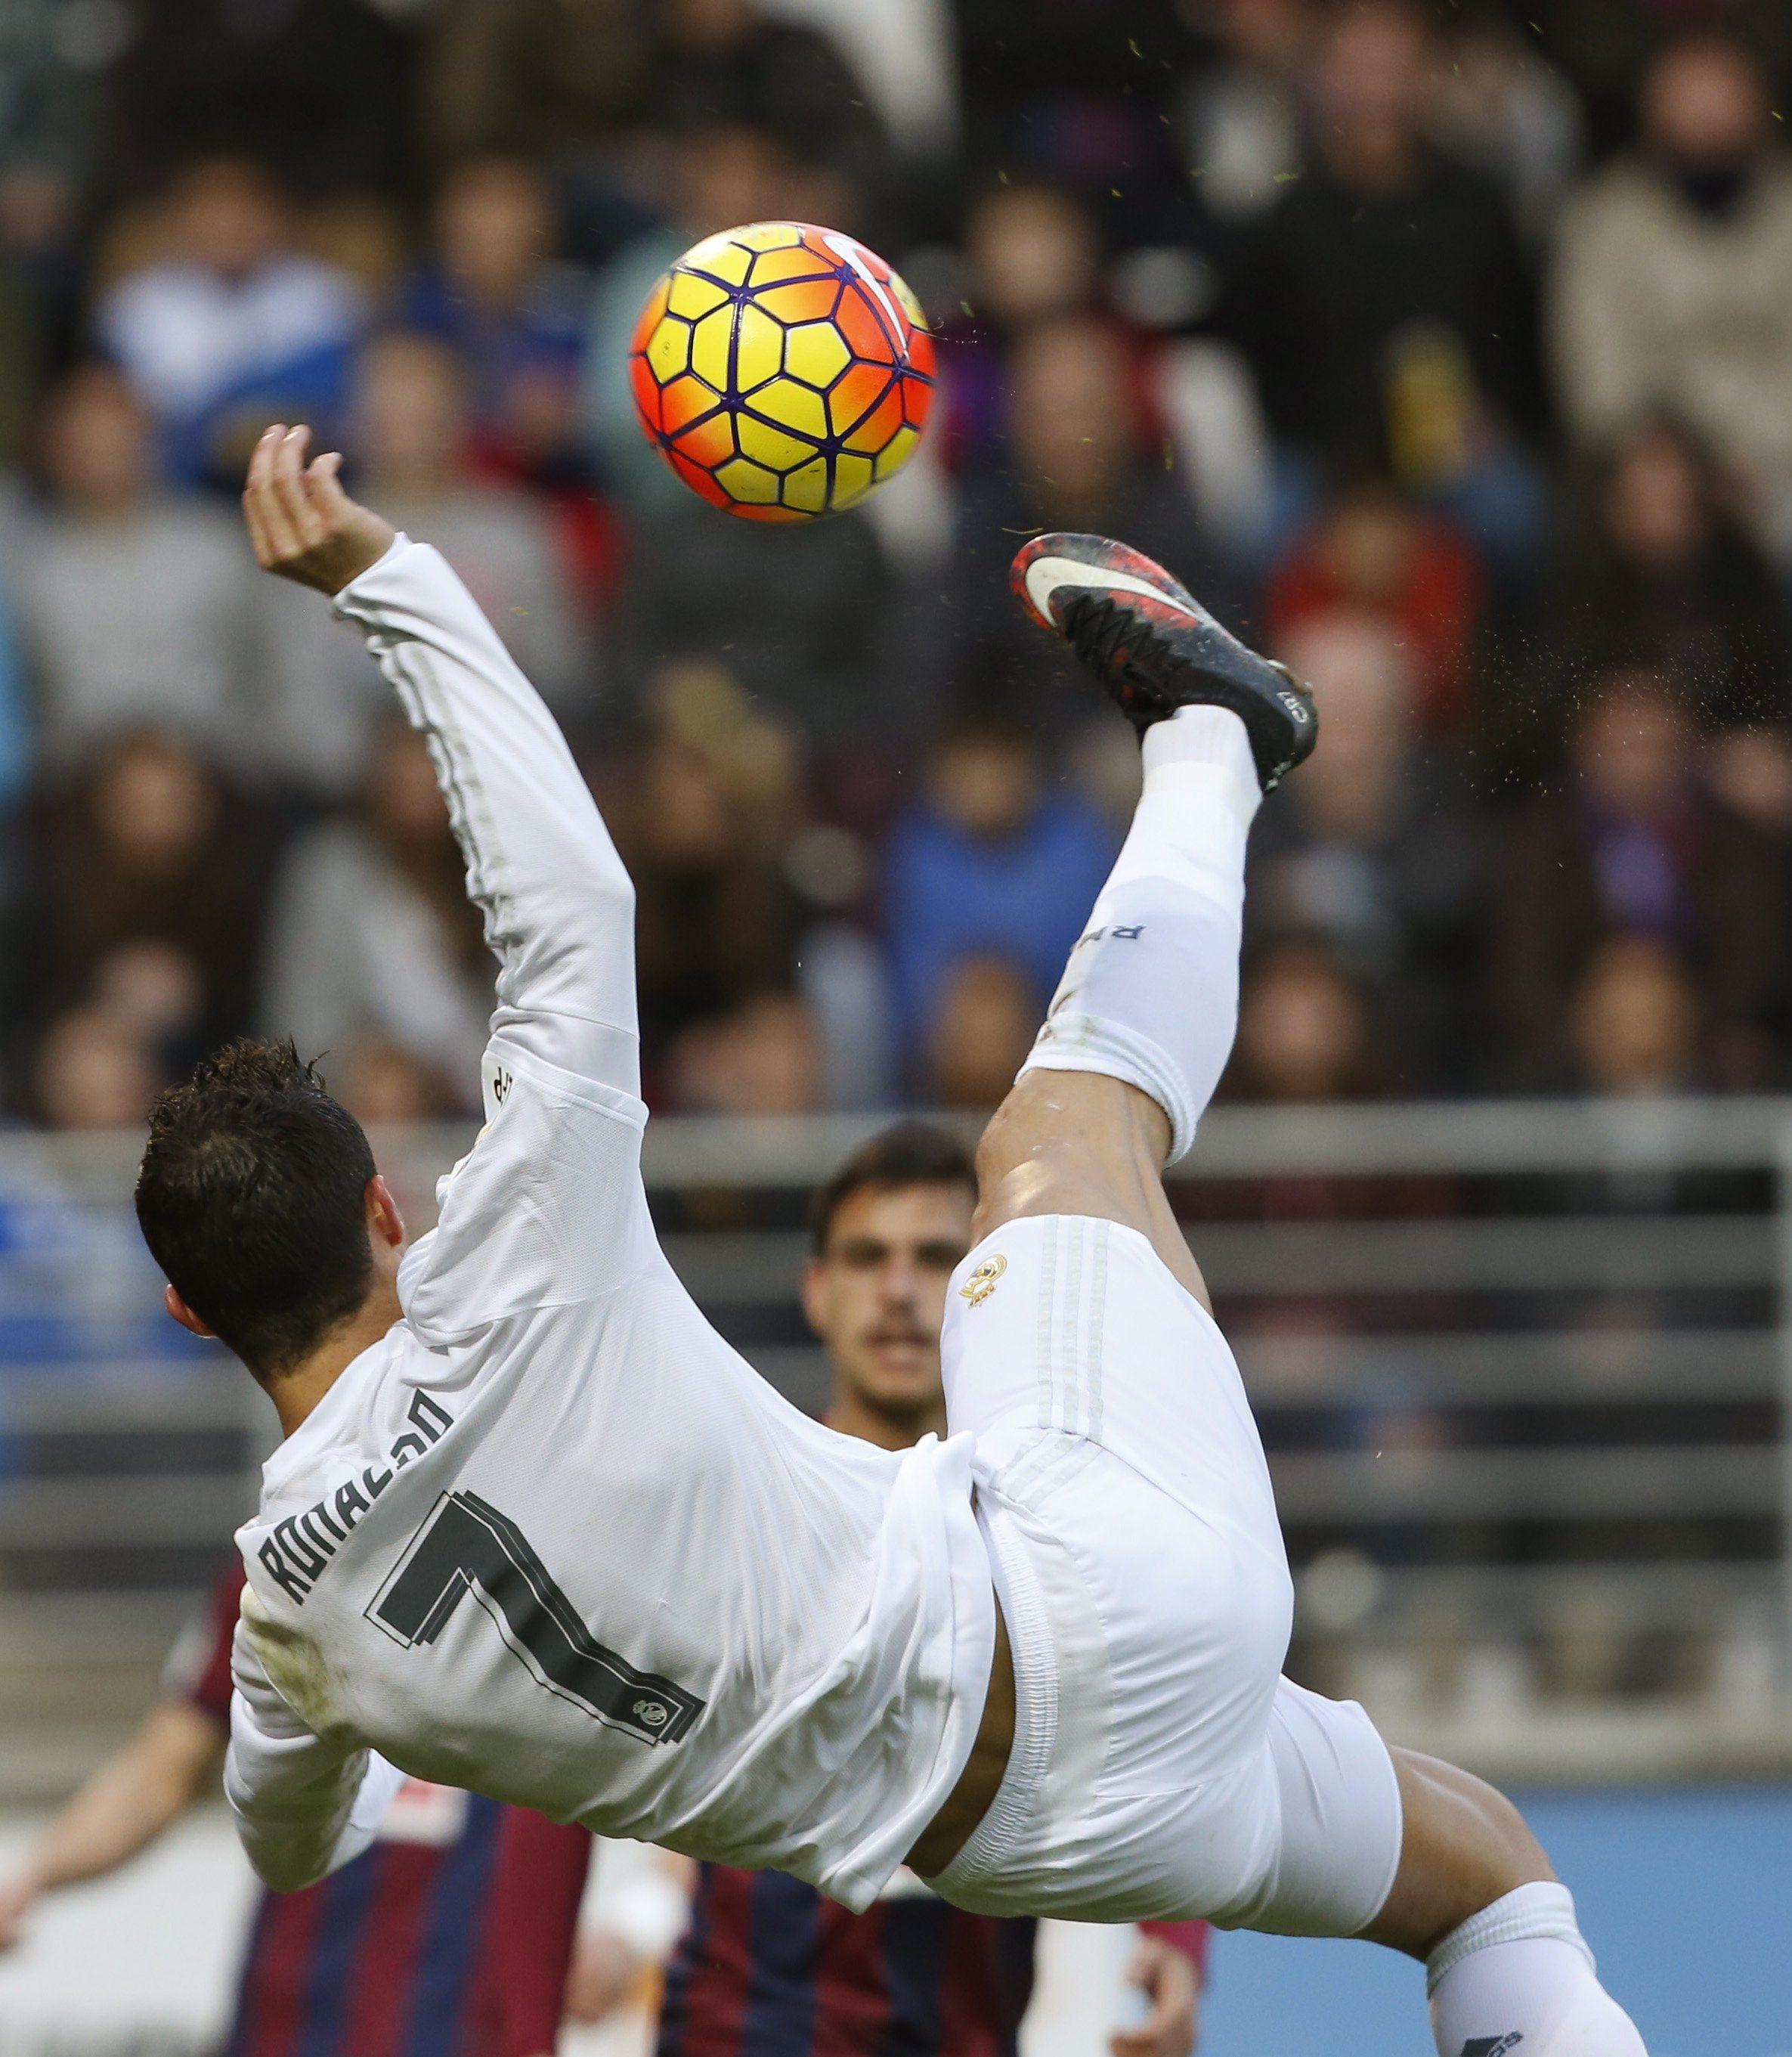 O Real Madrid regressou hoje aos triunfos na Liga espanhola de futebol f2eb1f592766b